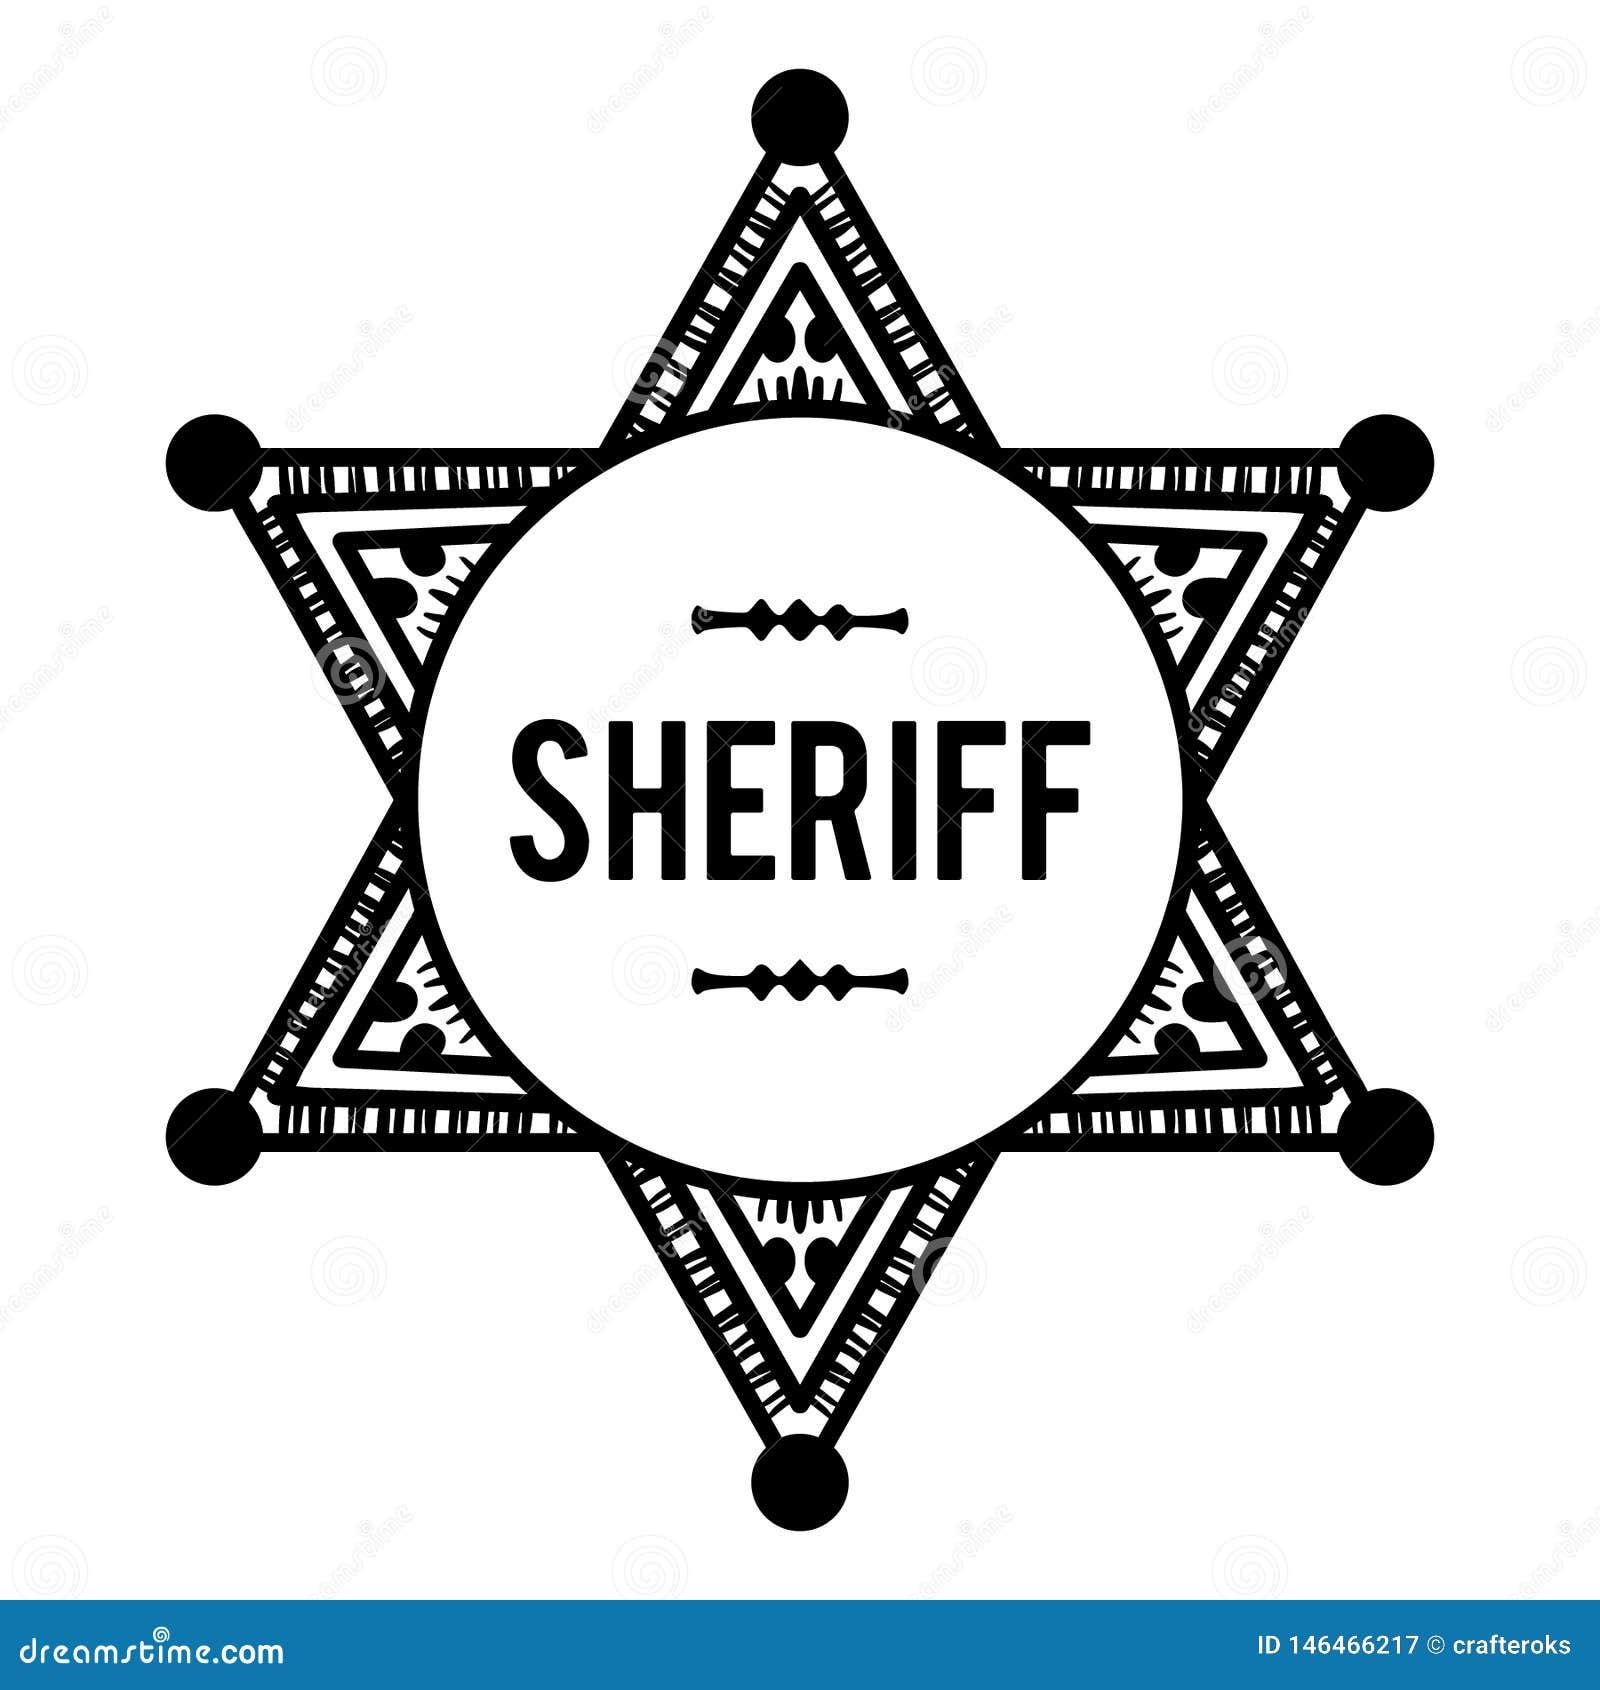 Sheriffs emblemvektor, dragen hand, vektor, Eps, logo, symbol, crafteroks, konturillustration för olikt bruk